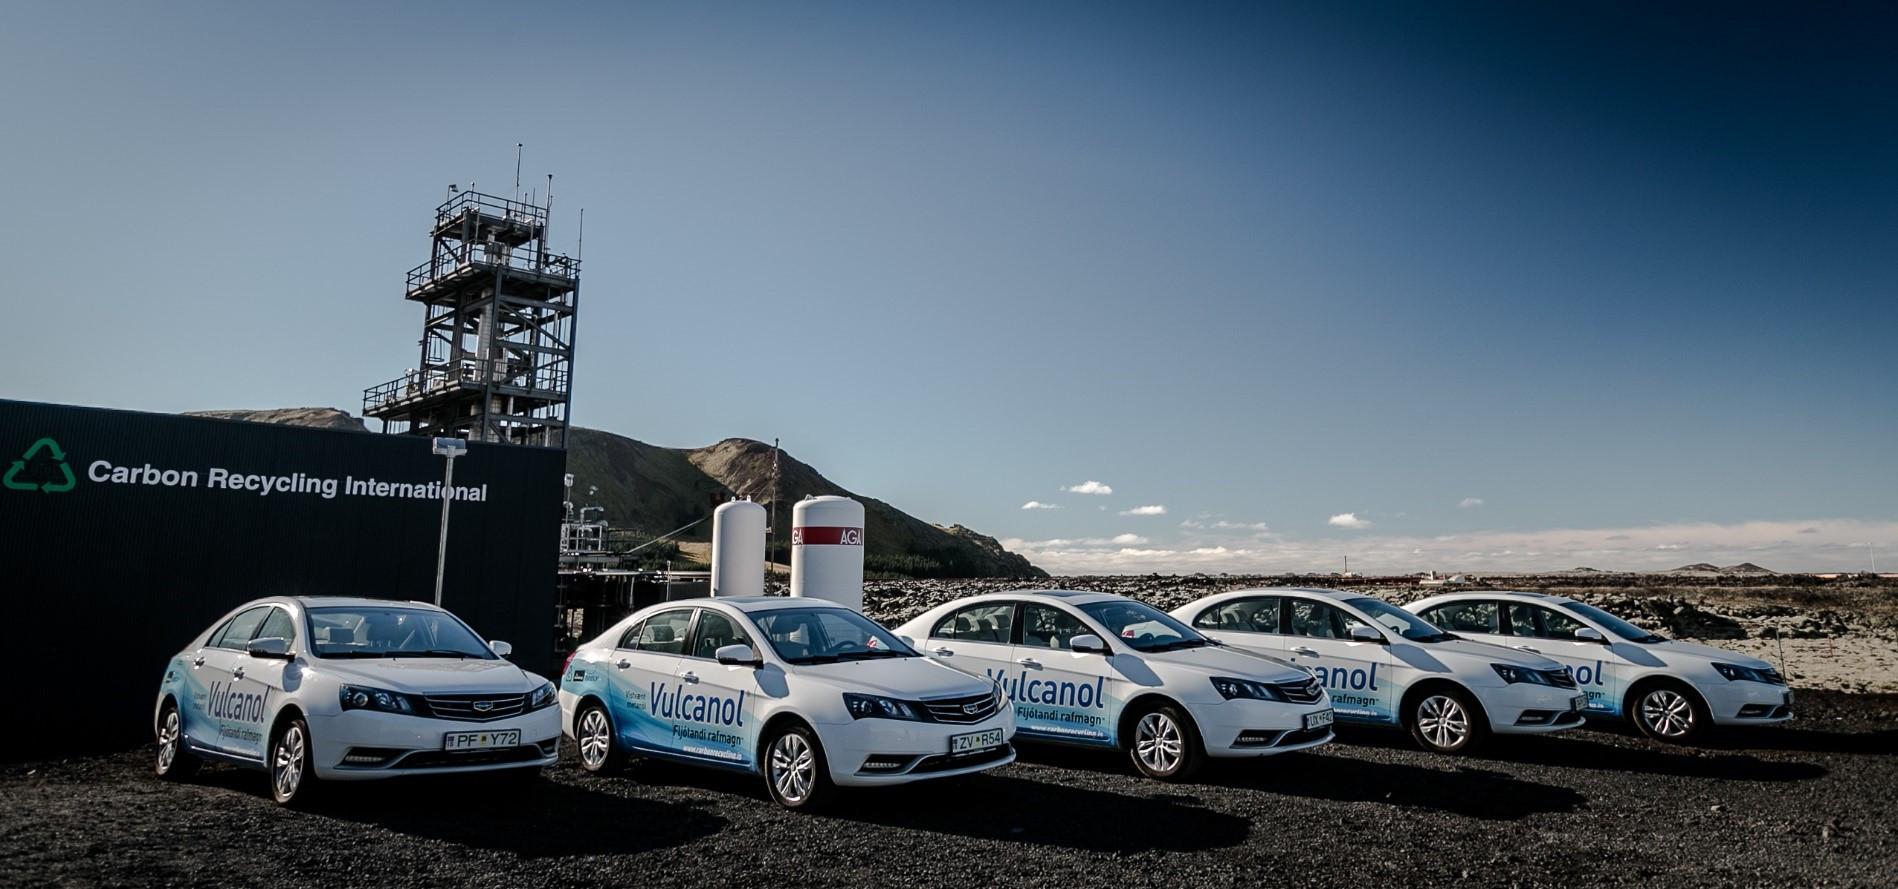 默默耕耘 吉利甲醇乘用车总运行里程达80亿公里